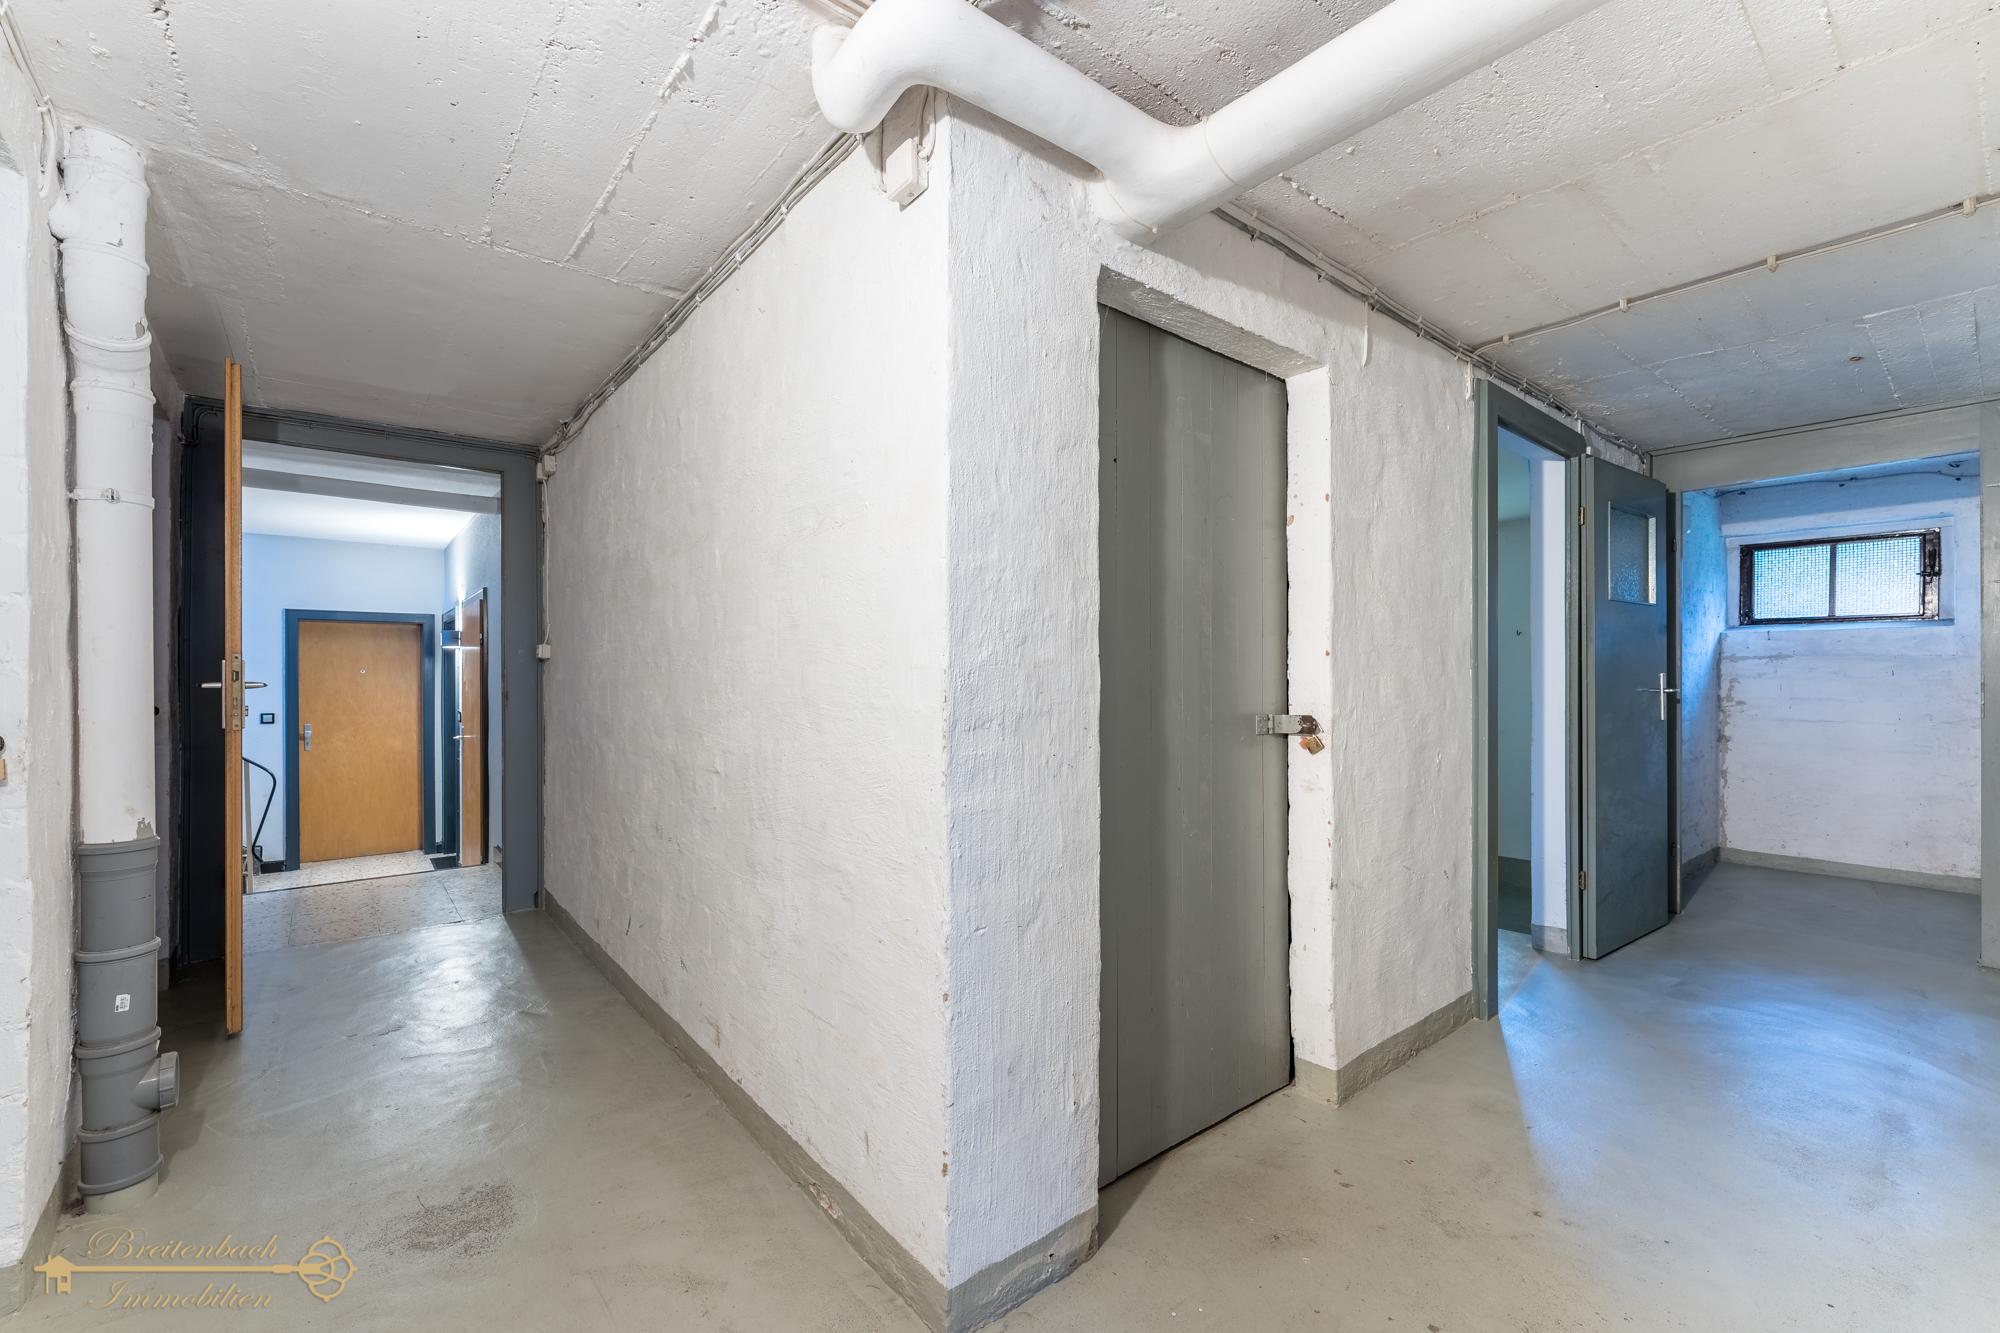 2021-01-16-Breitenbach-Immobilien-16